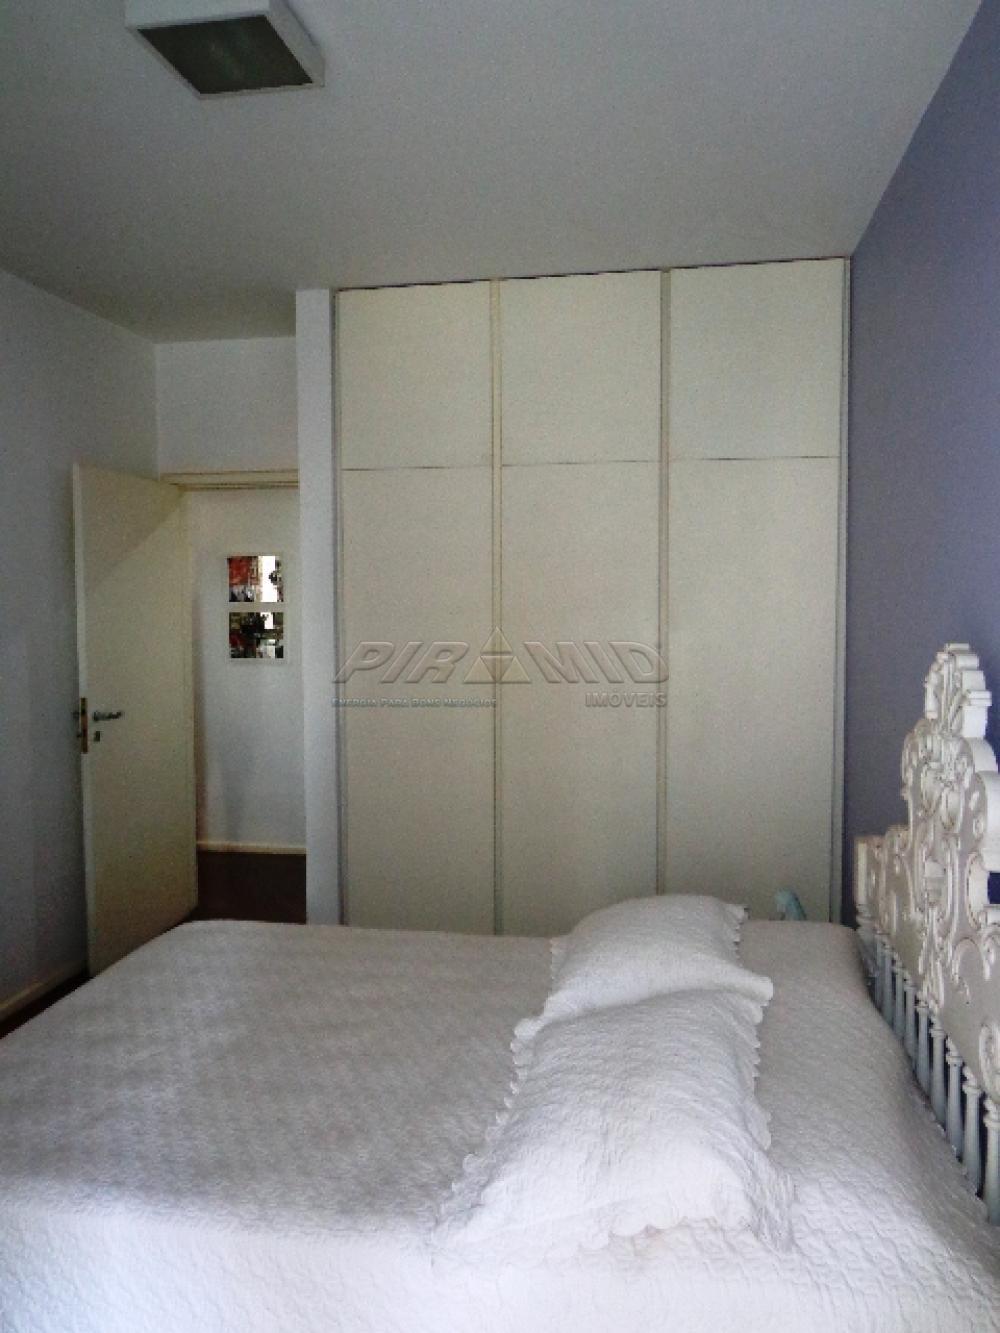 Comprar Apartamento / Padrão em Ribeirão Preto apenas R$ 750.000,00 - Foto 19